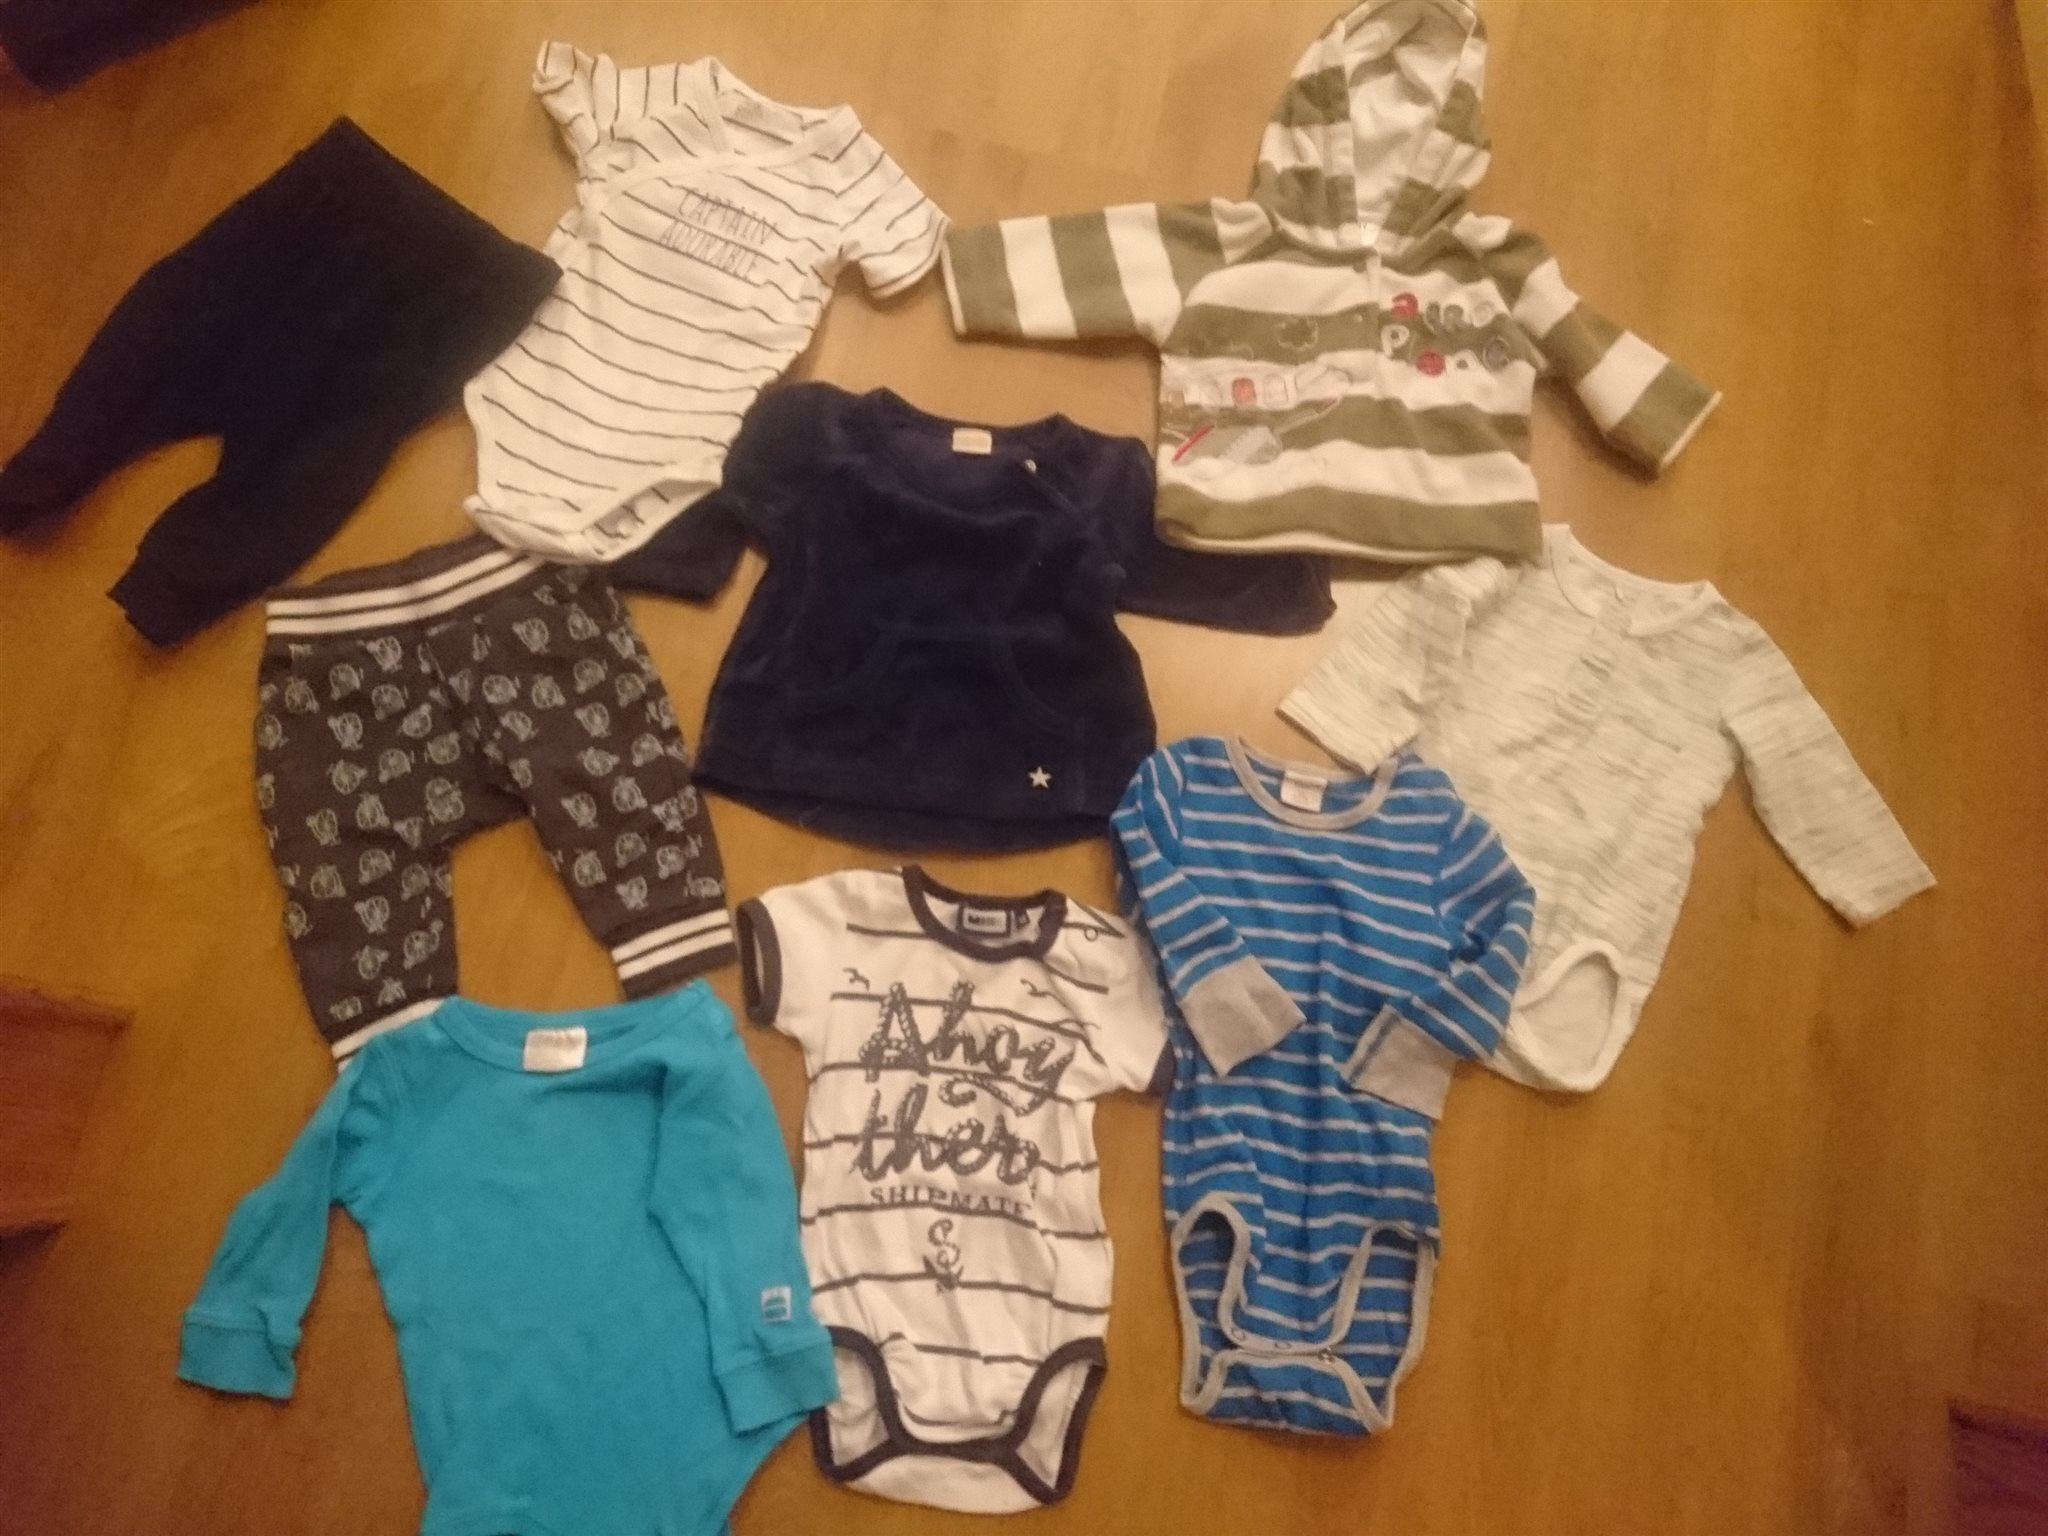 barnkläder storlek 62-68 (330159695) ᐈ Köp på Tradera b4ebdde6f5c36